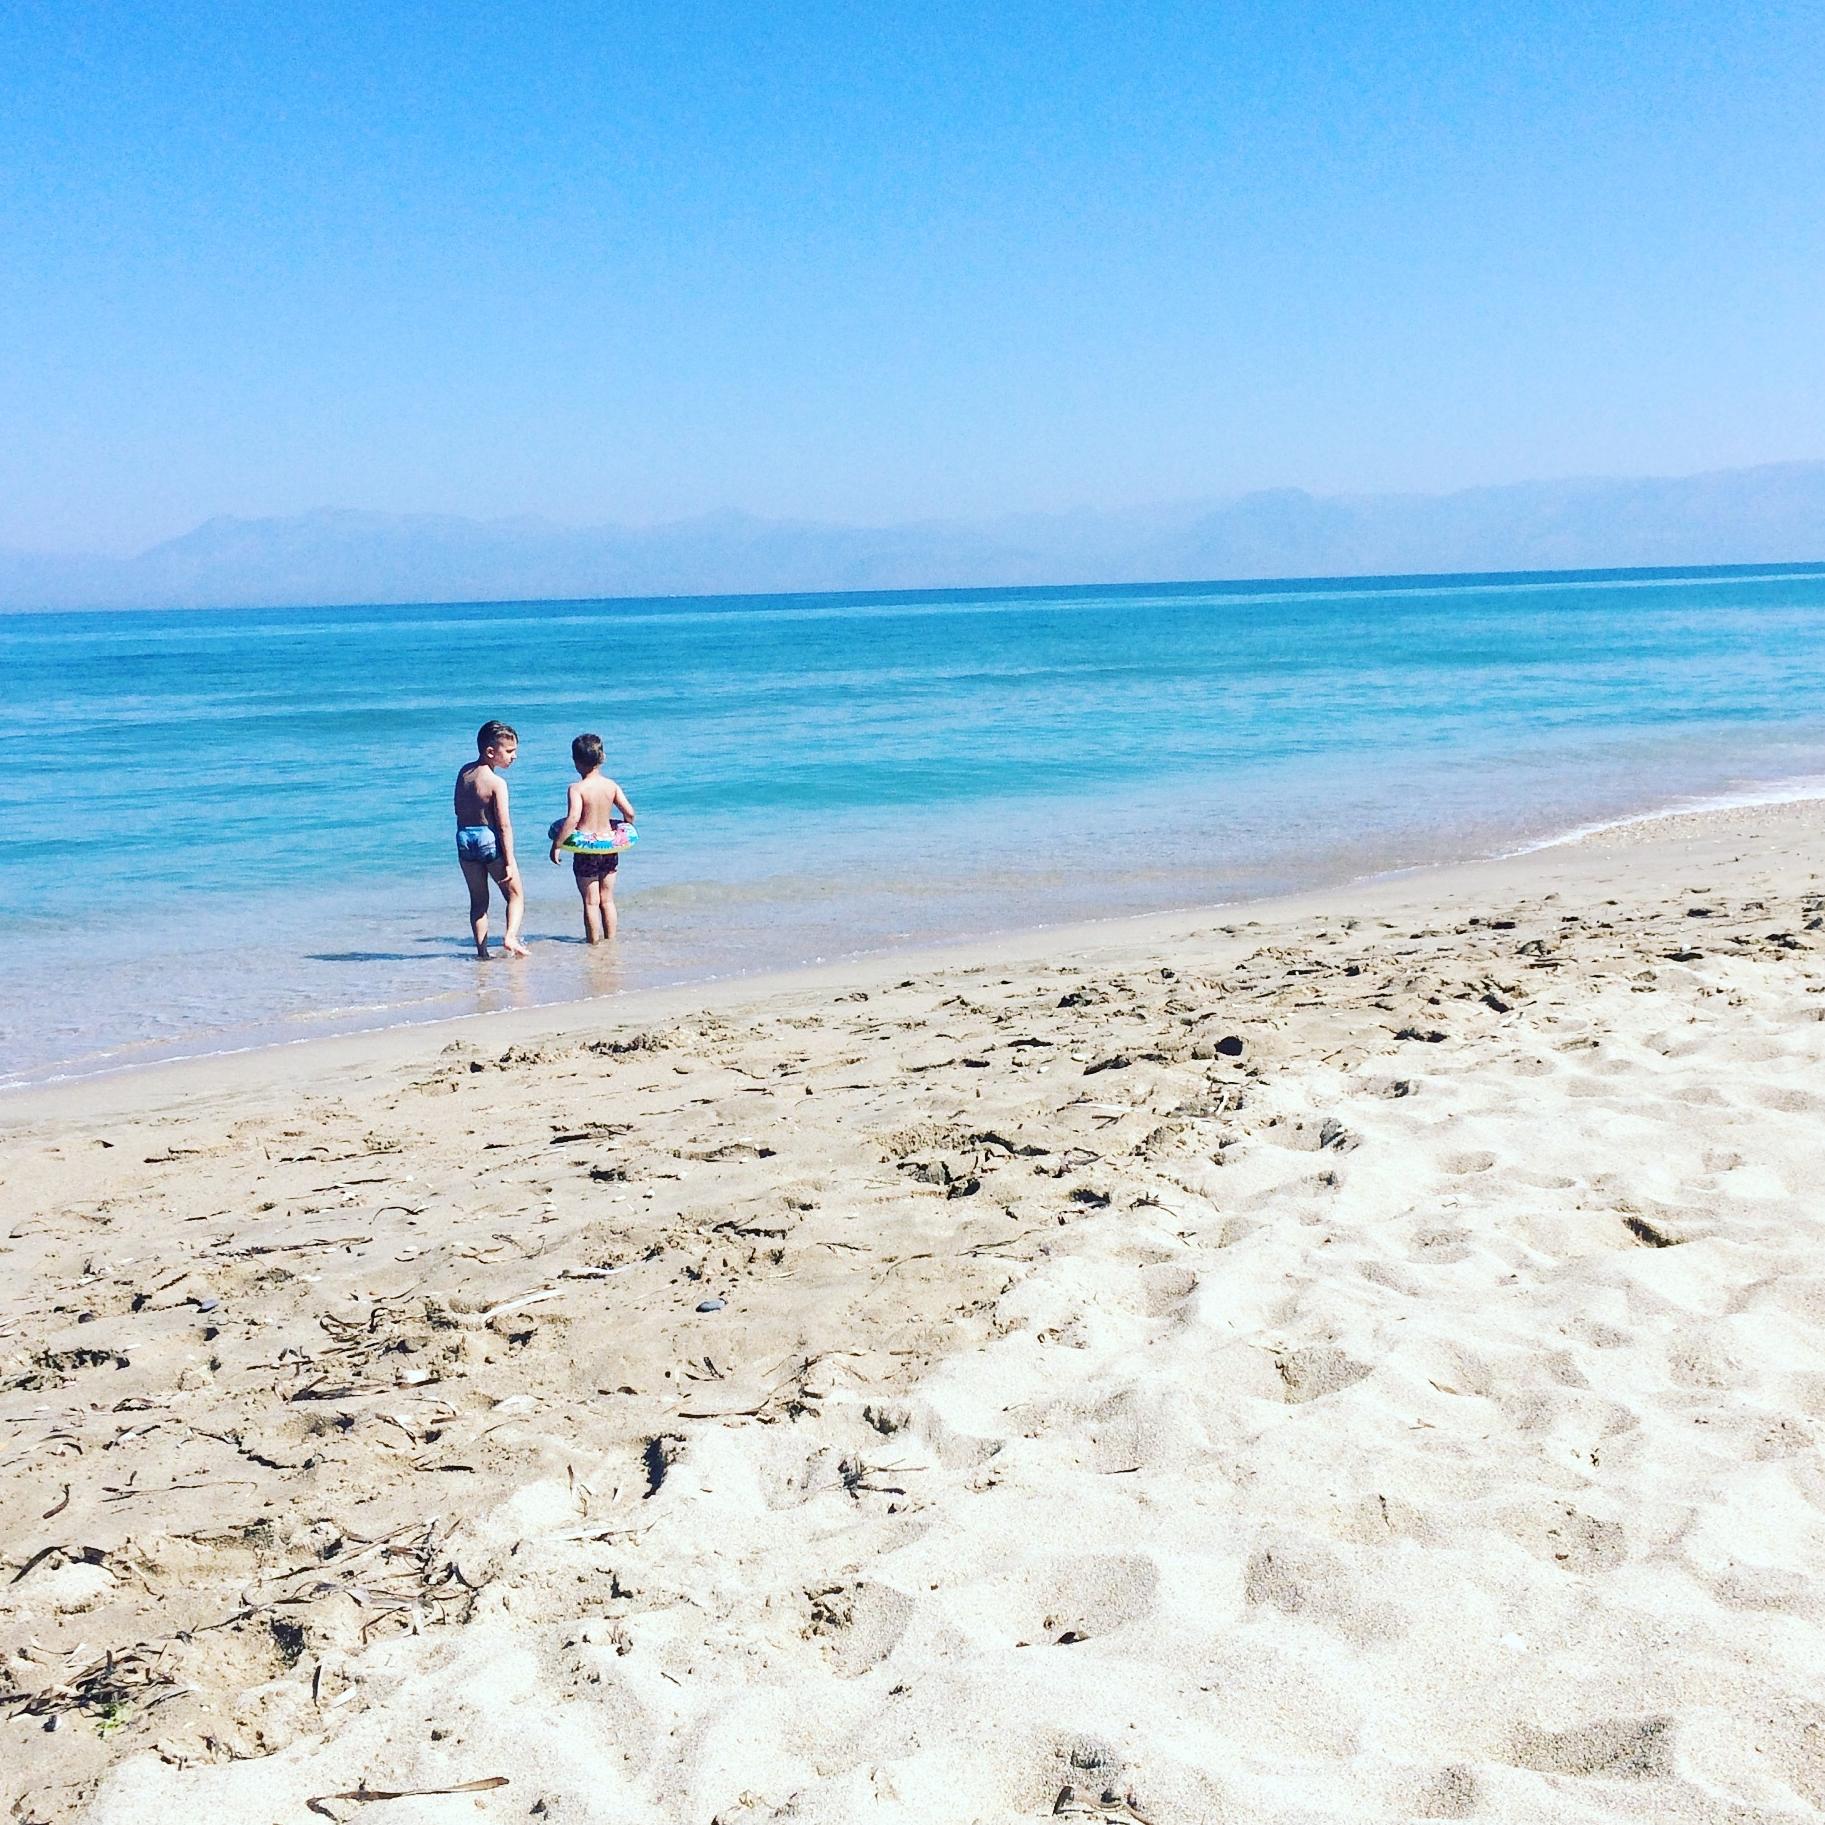 grecos wielkie greckie wakacje, gelina village opinie, nostos mare opinie, hydropolis korfu, hydropolis gelina village, aquapark korfu, aquapark hydropolis, korfu poradnik